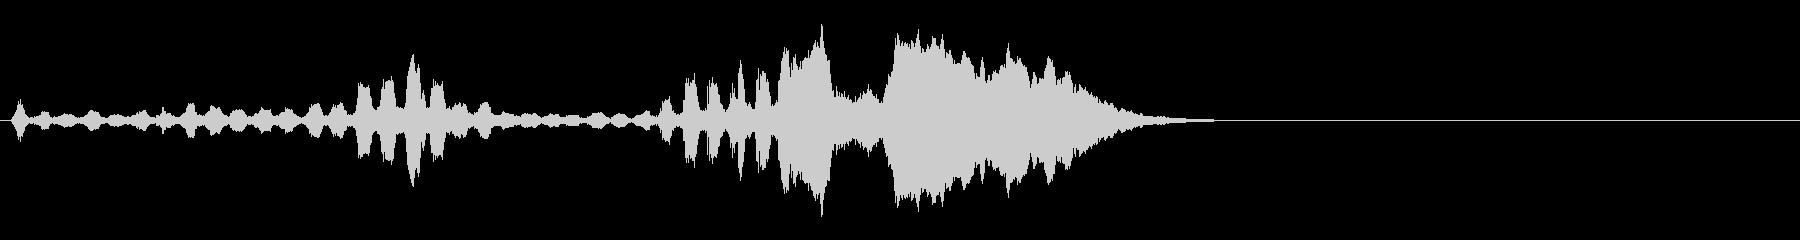 音楽ロゴ;ソロミュートトランペット...の未再生の波形